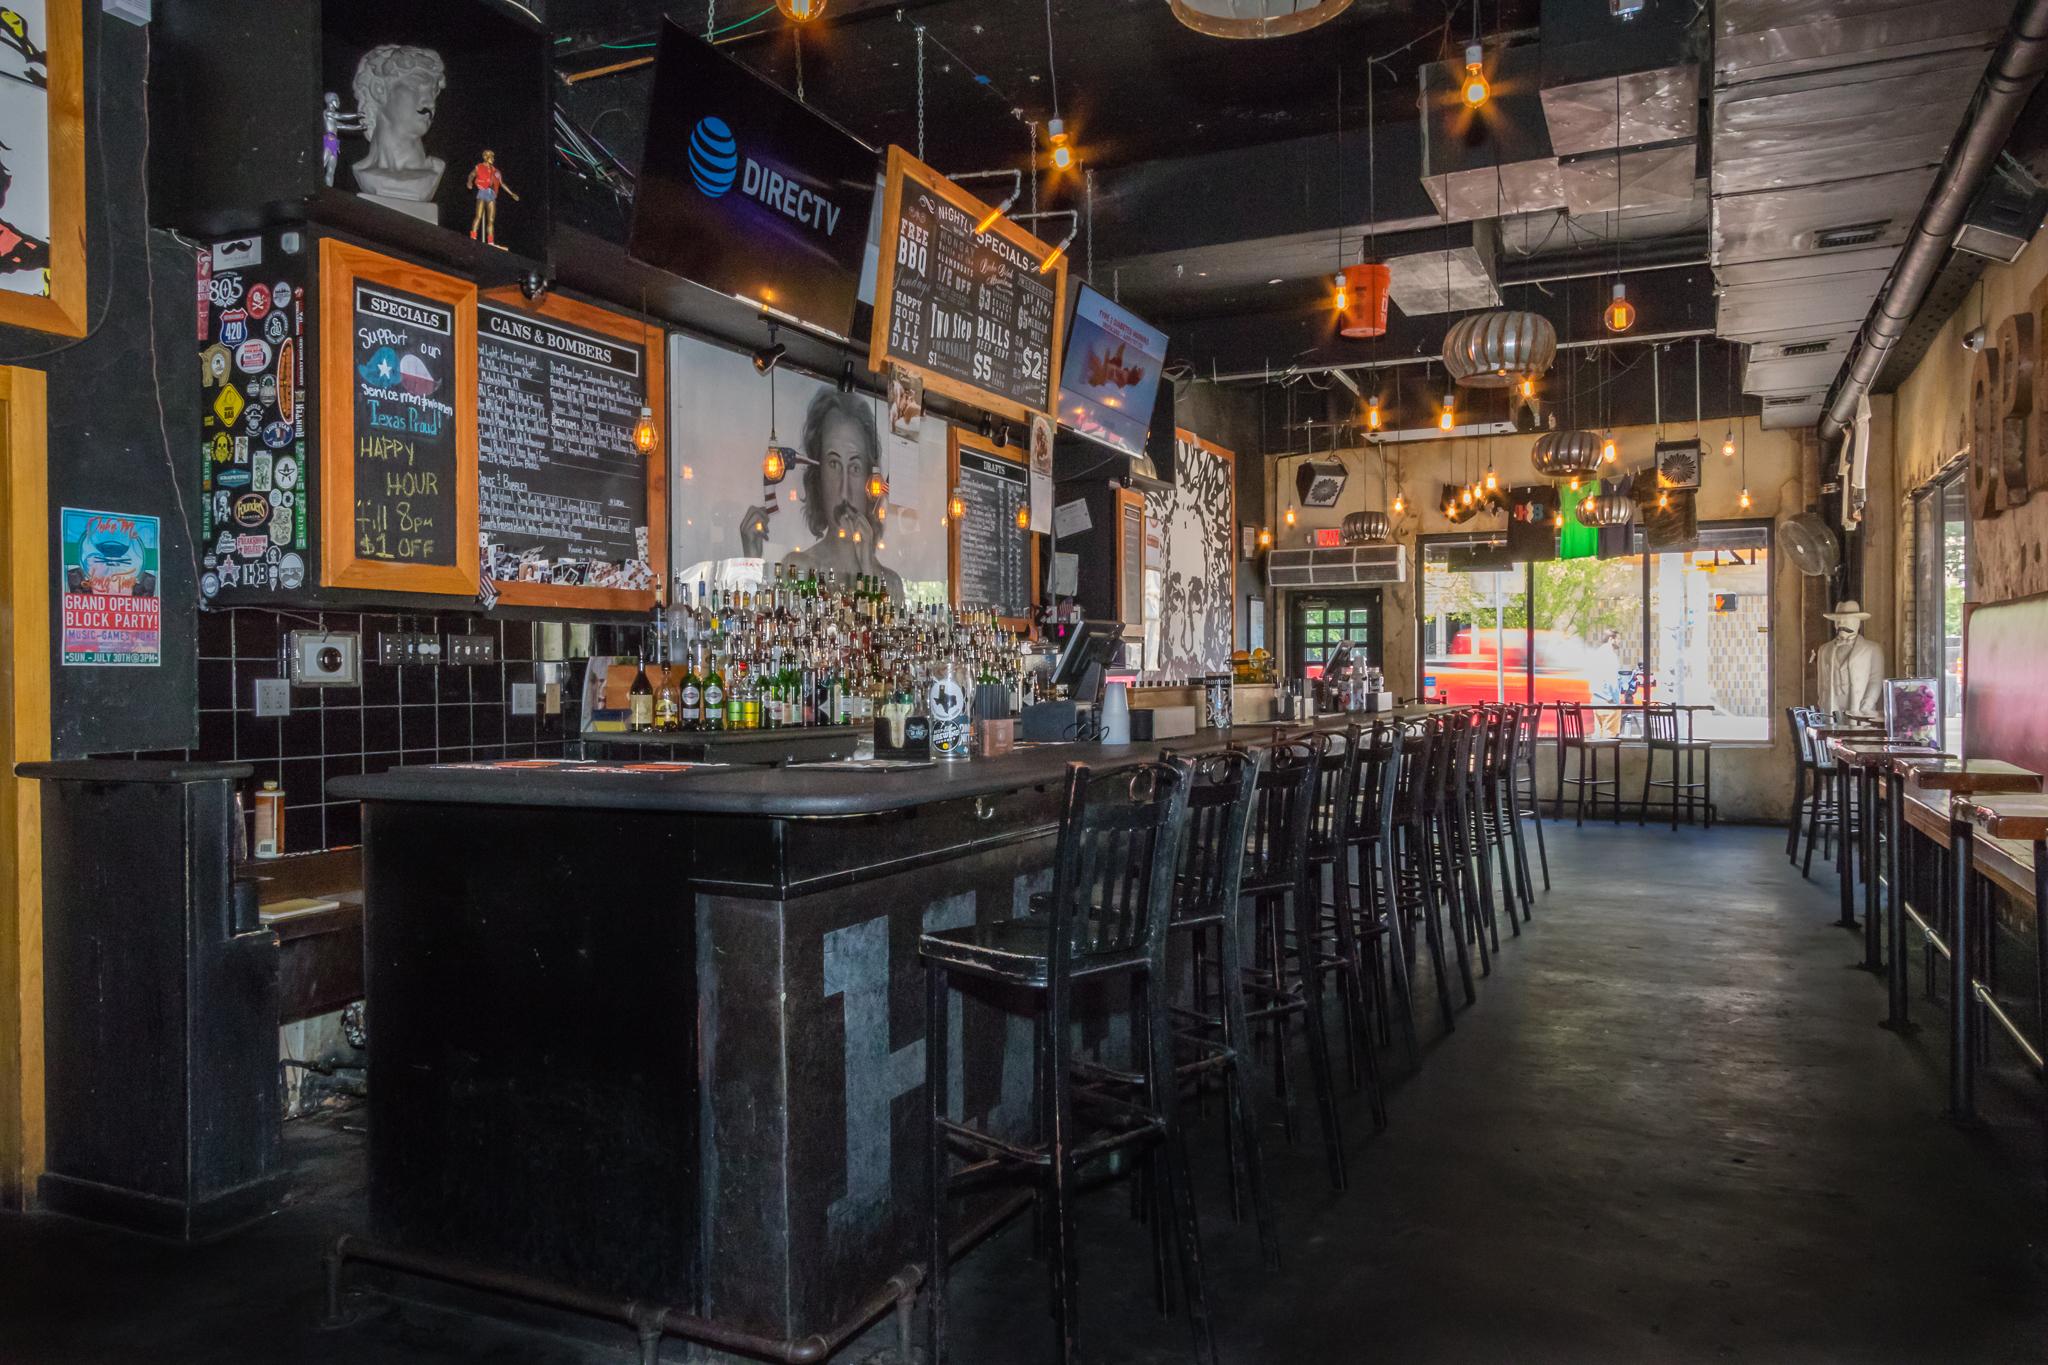 Inside Main Bar